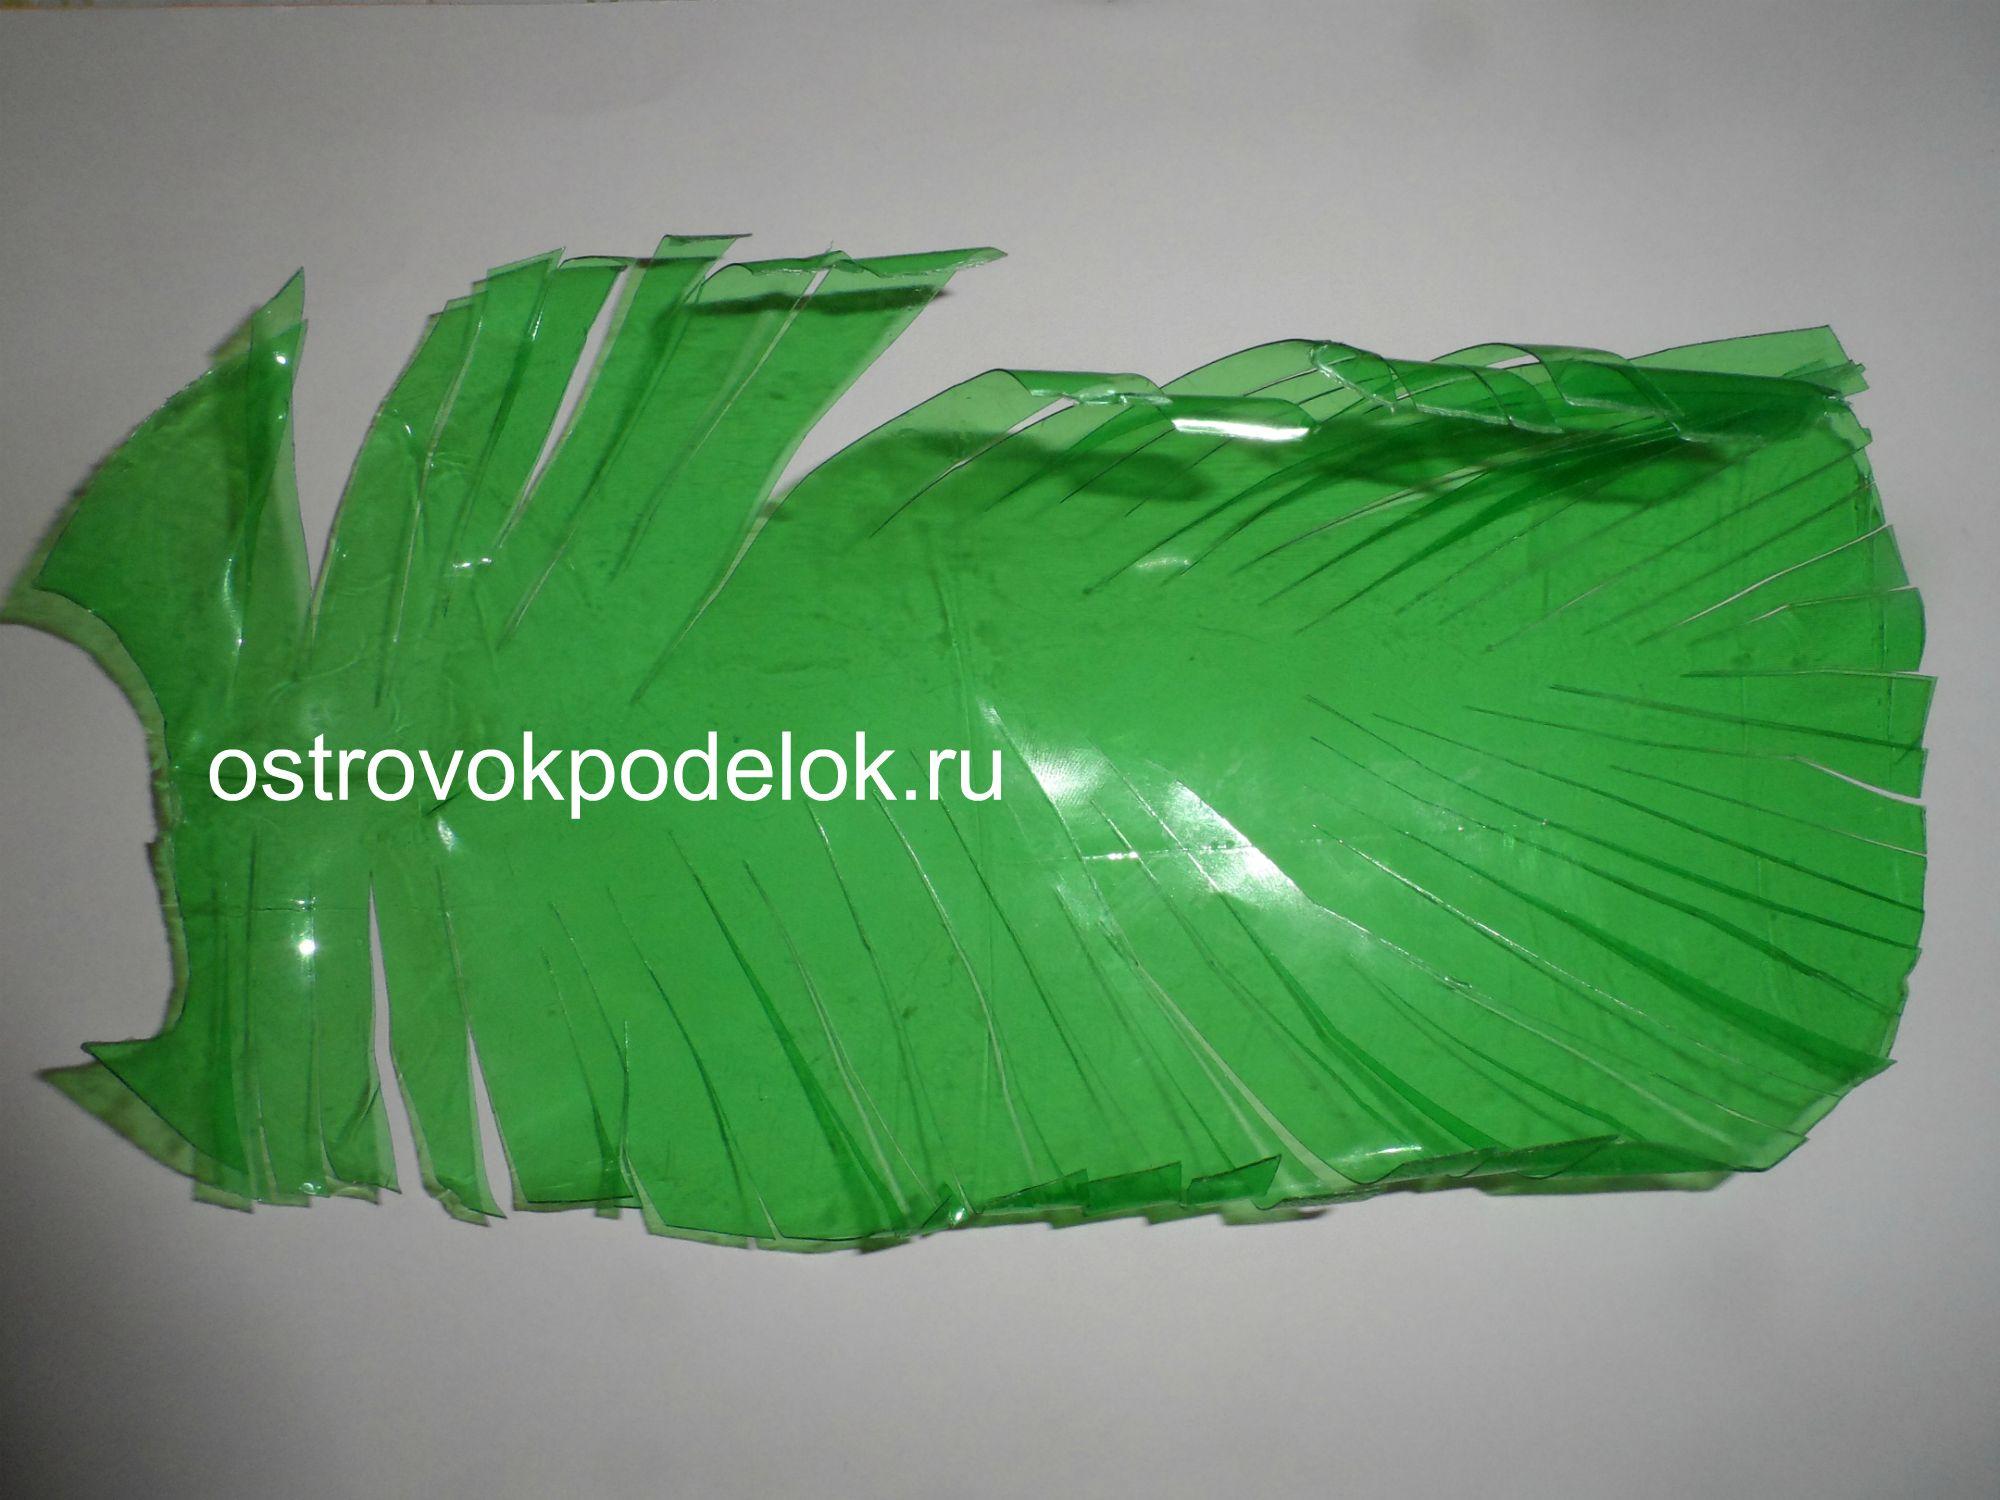 Пошаговое изготовление пальмы из пластиковых бутылок фото